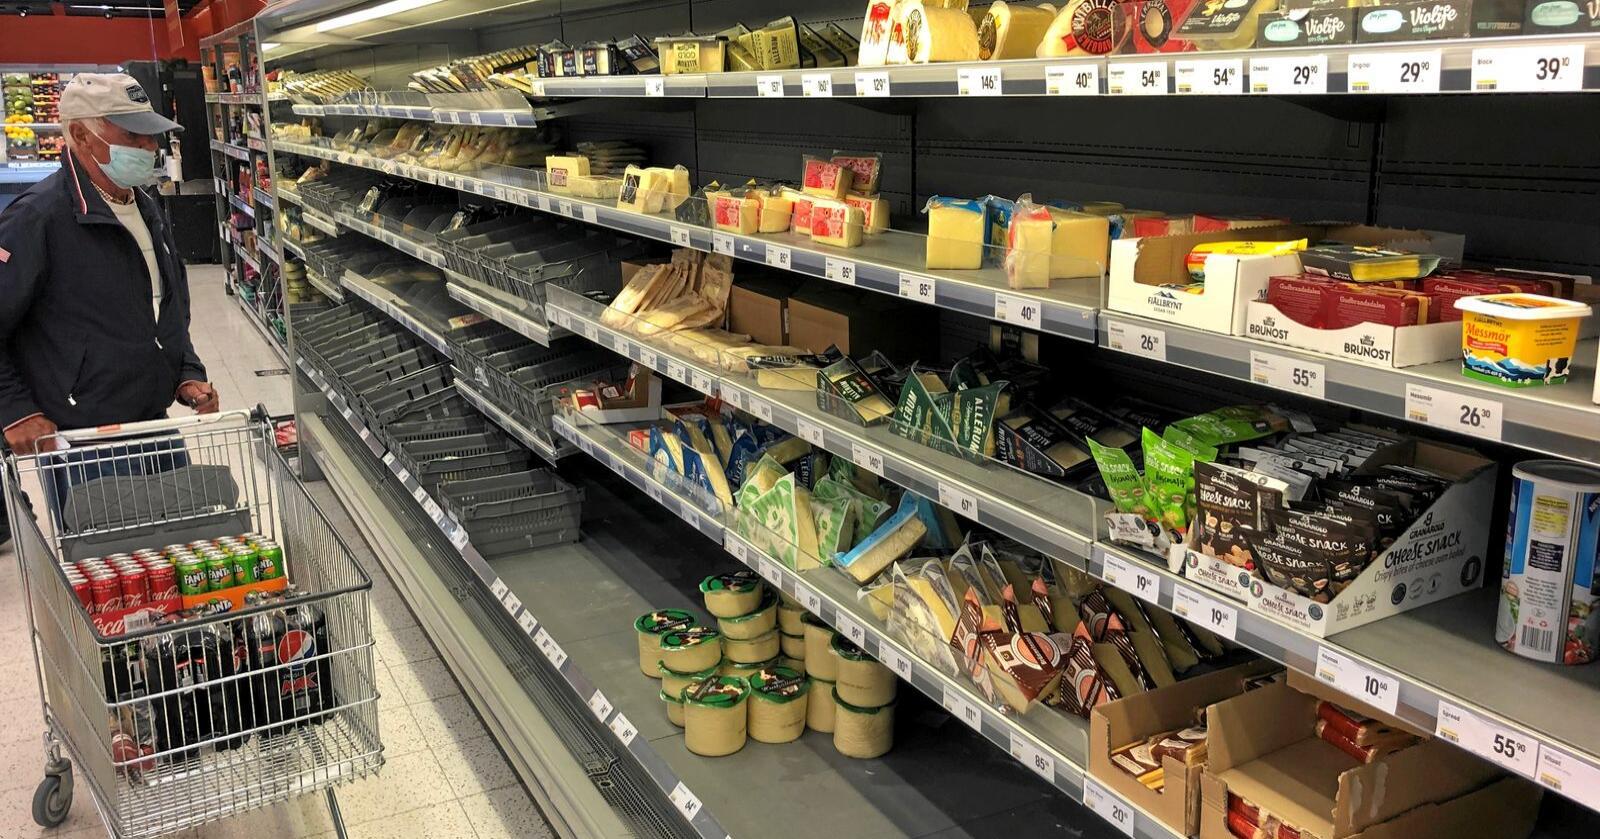 Elastisk prising: Hvorfor koster mat mye mer i Tyskland enn i Polen, når landenes landbruks- og handelspolitikk er identisk, spør innsenderen. Foto: Lars Johan Wiker